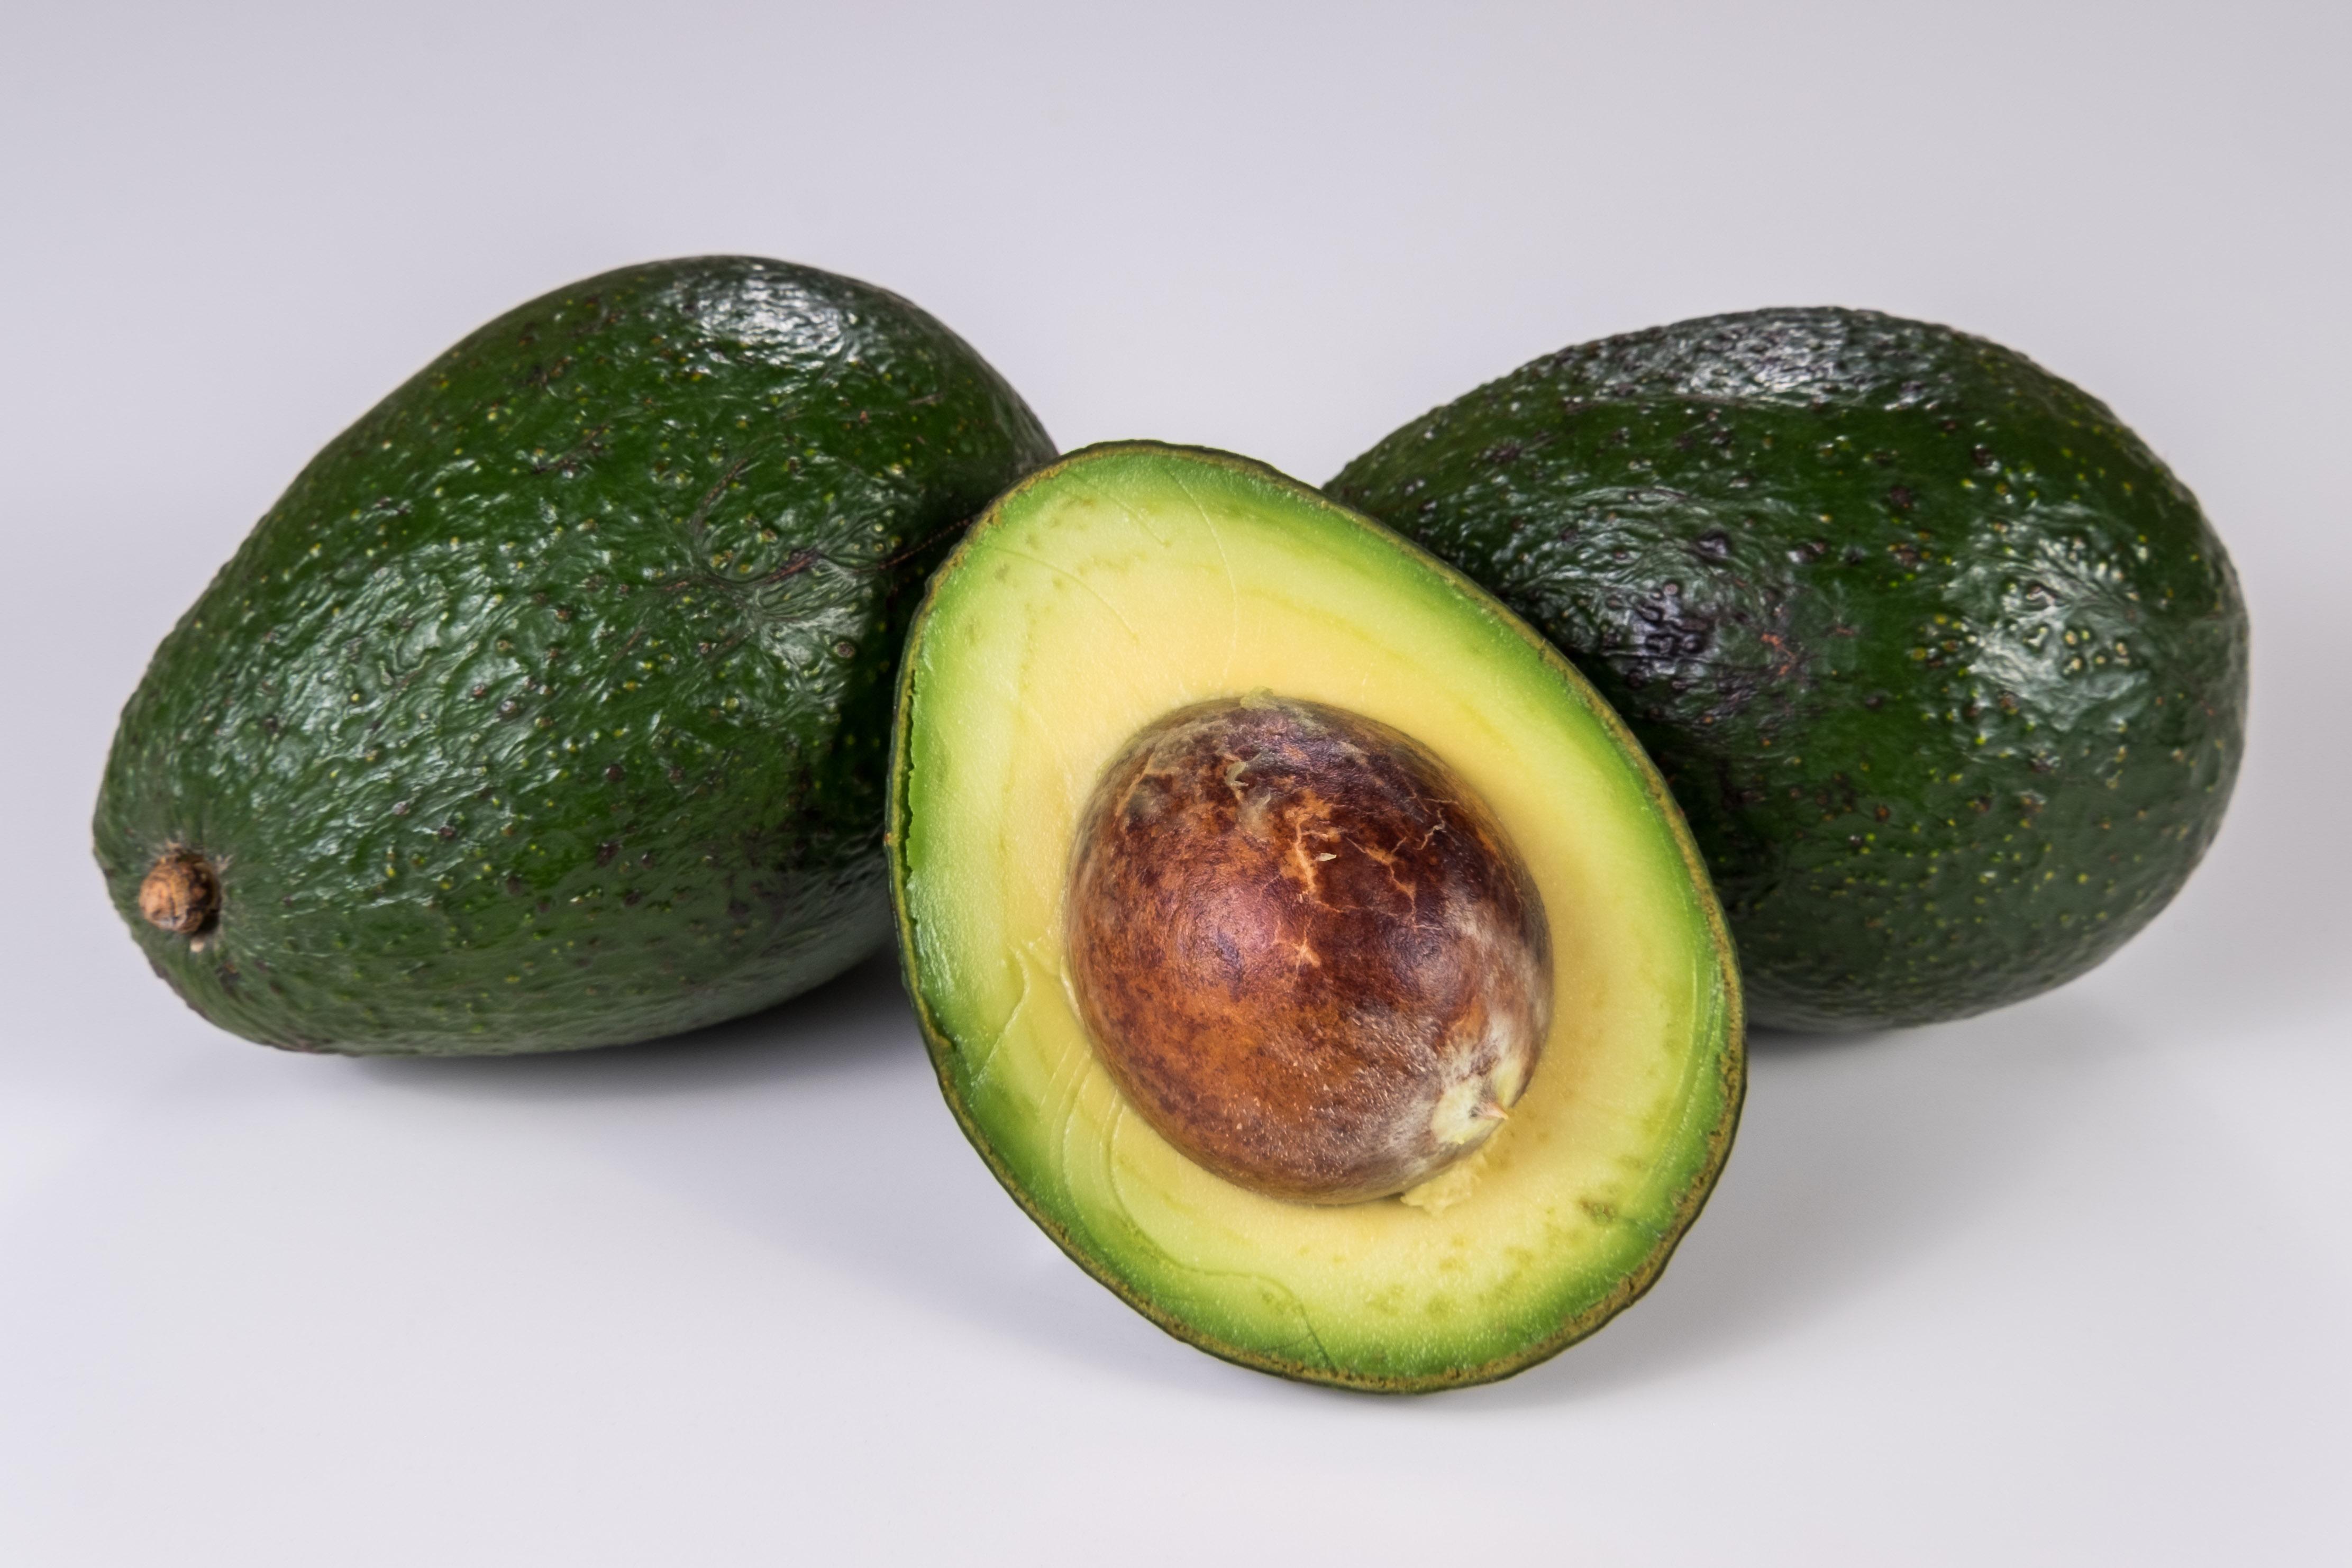 Сорта авокадо, сколько существует разновидностей, самые известные